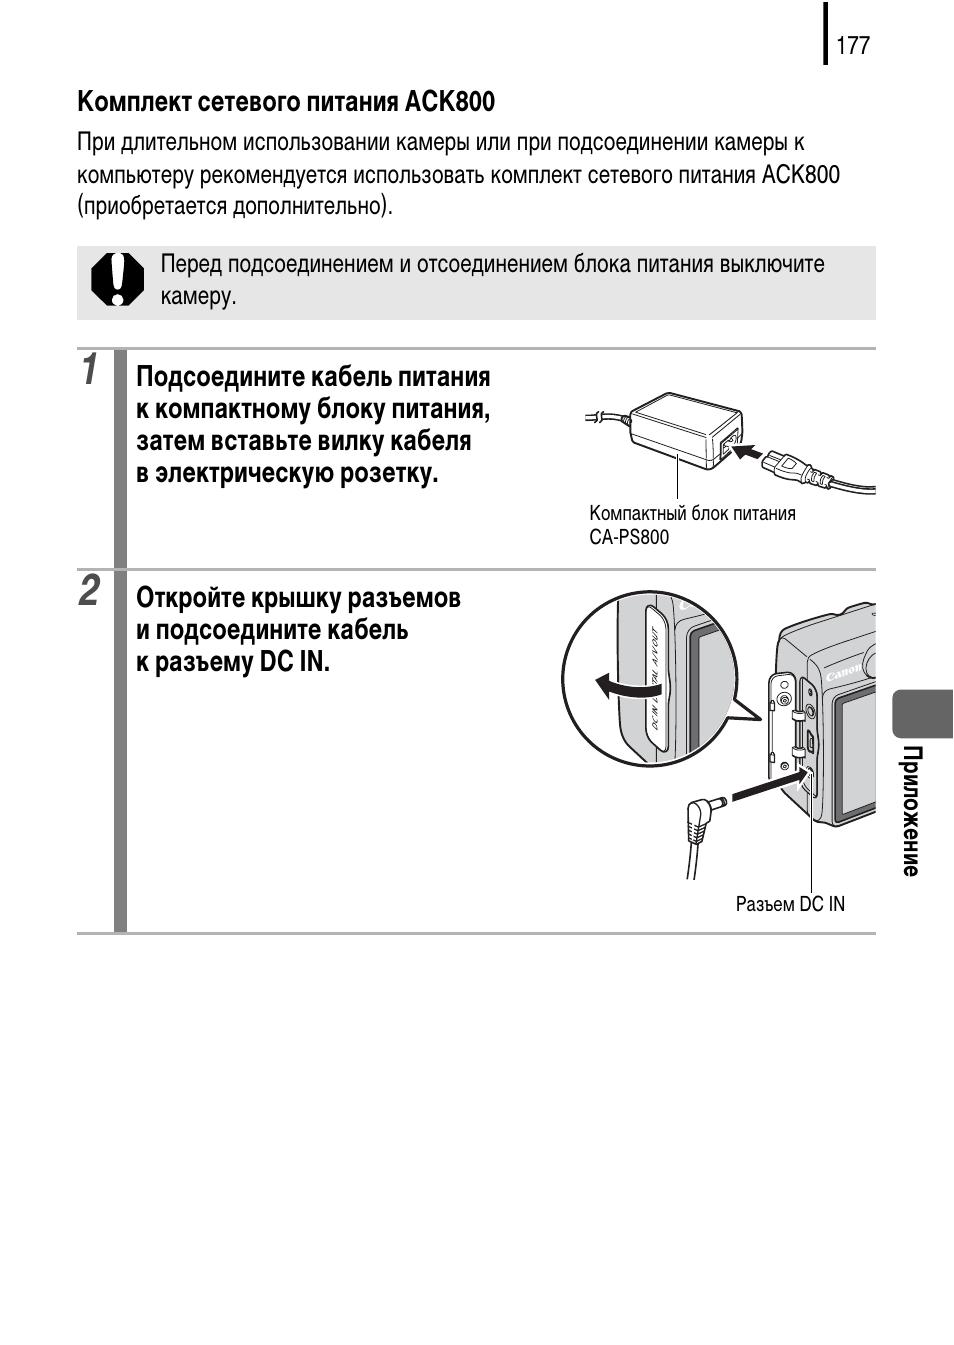 Powershot A590 инструкция по эксплуатации